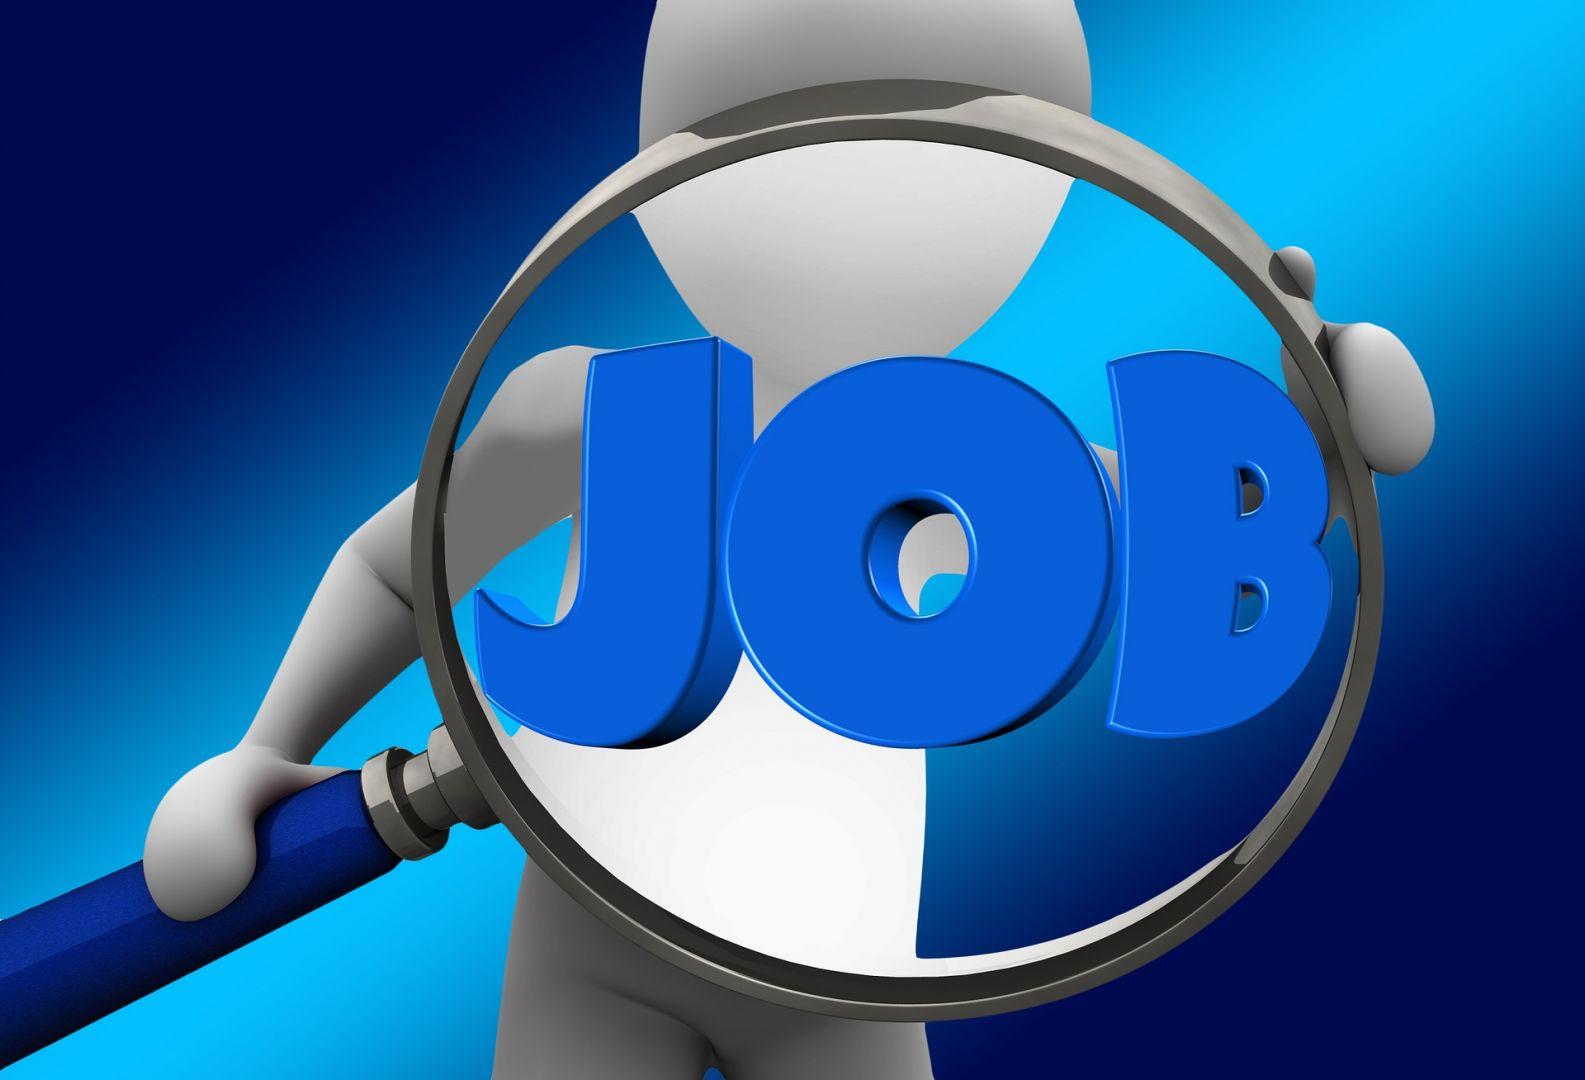 Près de 6 Franciliens sur 10 cherchent un emploi dans une autre région